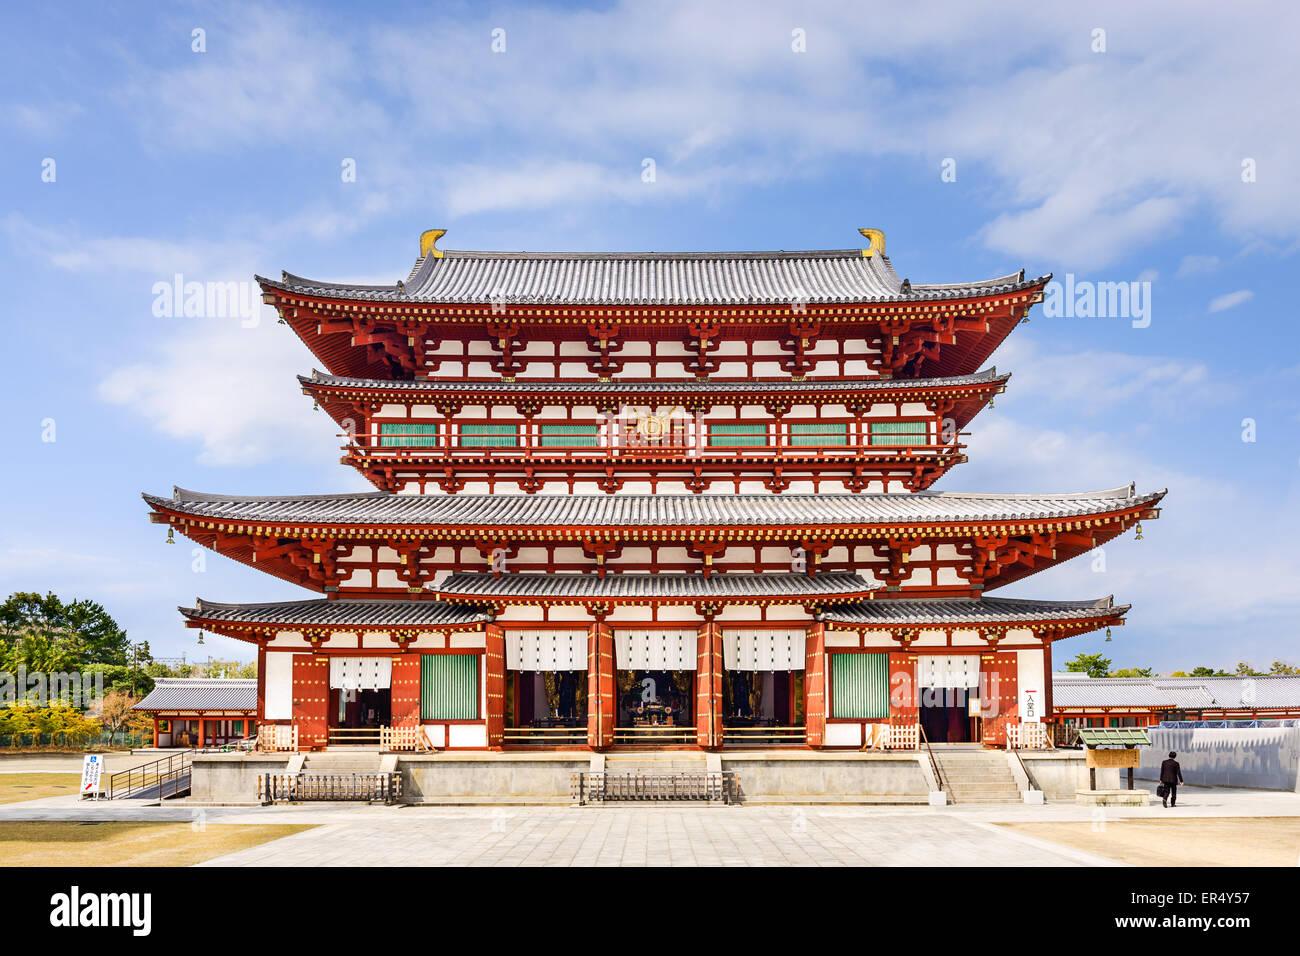 Nara, Japan at the Golden Hall of Yakushi-ji Temple. - Stock Image